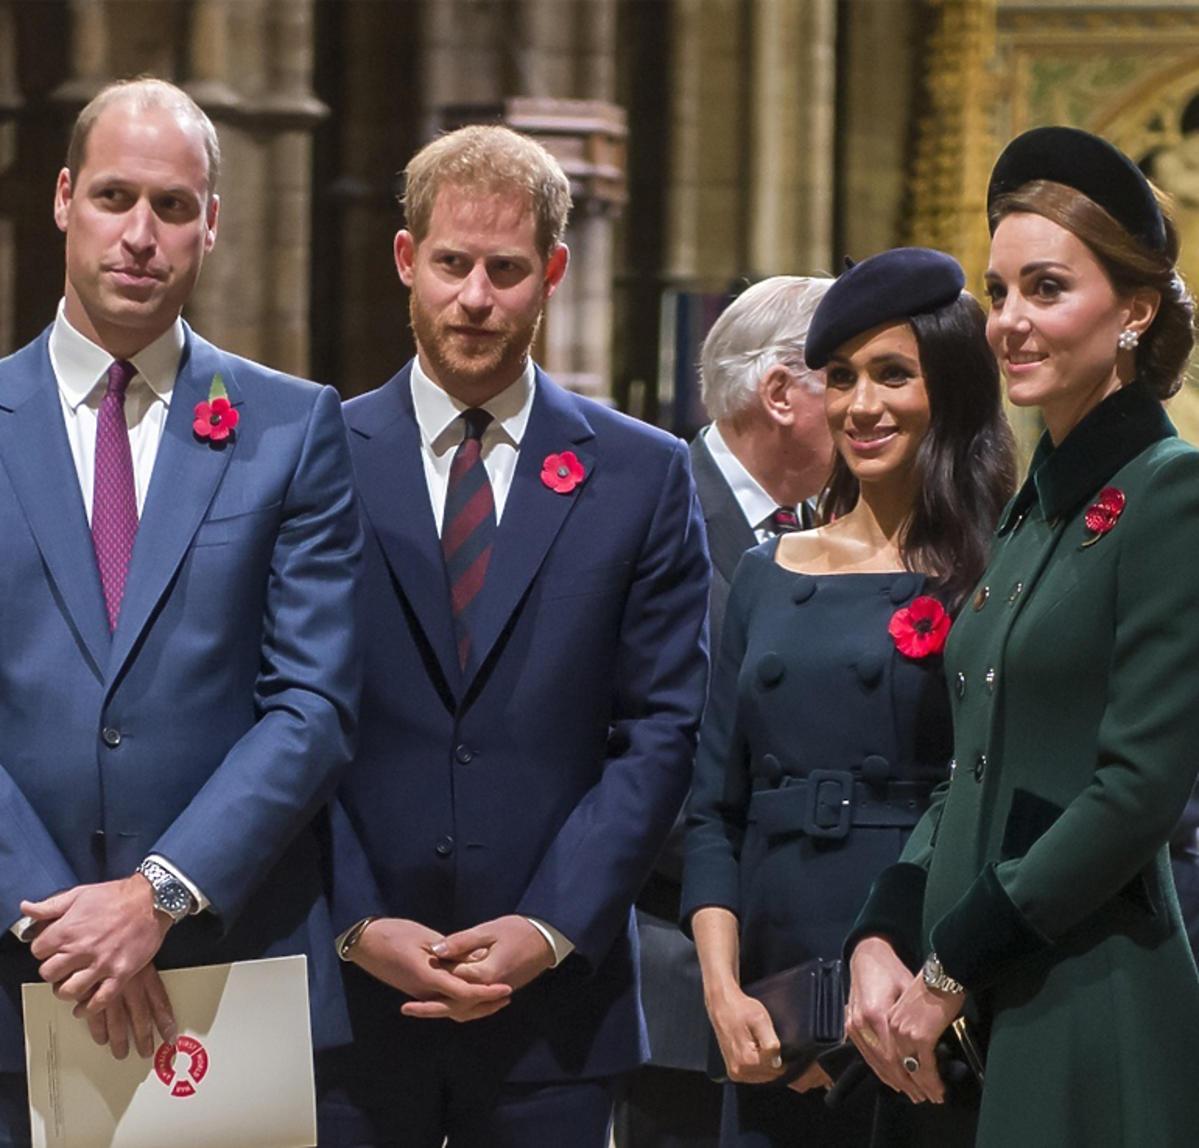 William i Kate, Meghan i Harry w kościele w Londynie